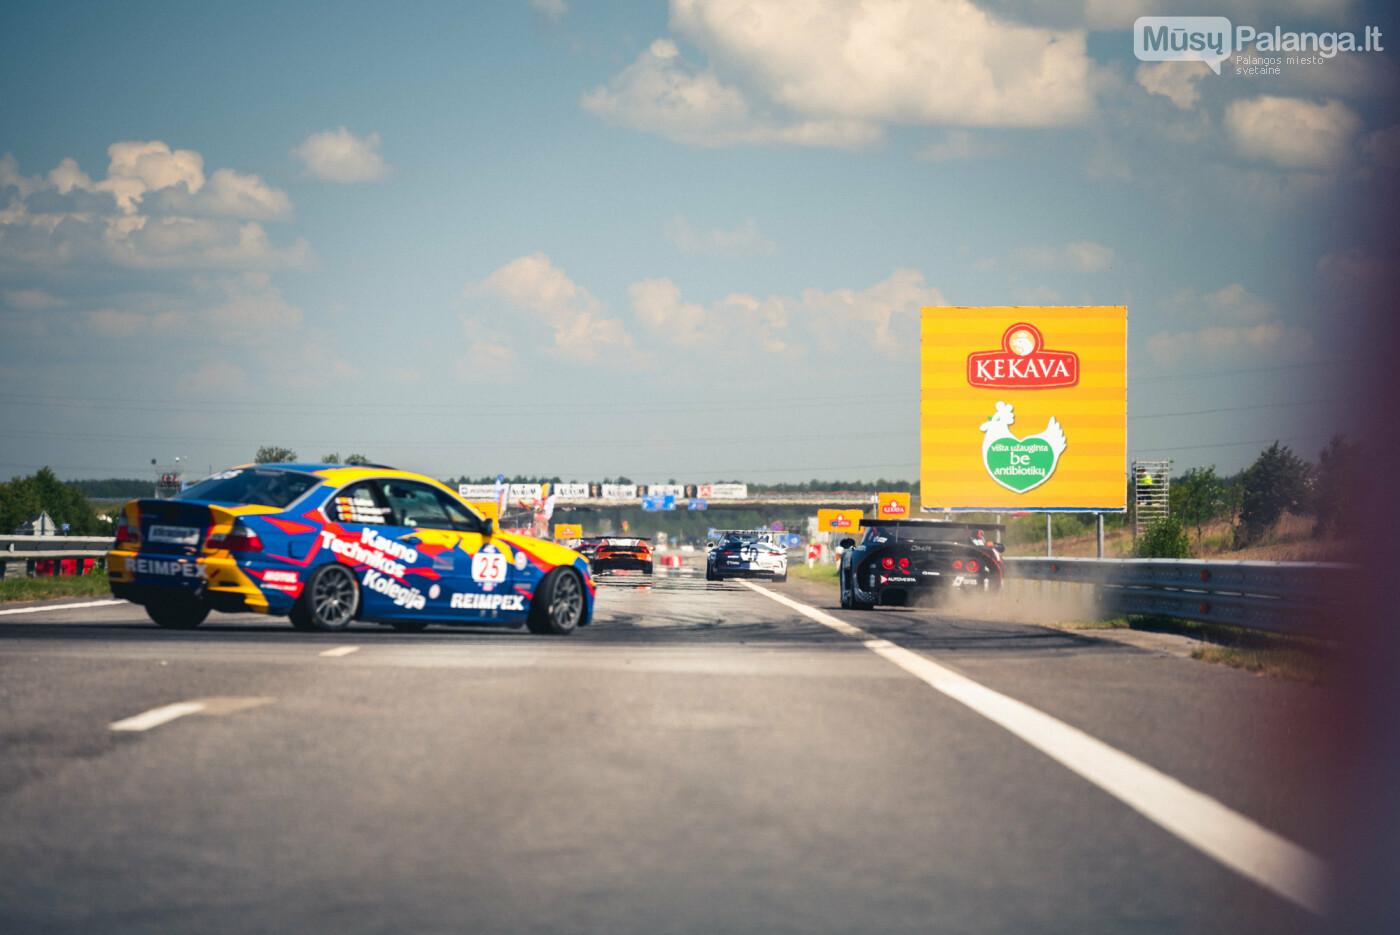 """Įpusėjo """"Aurum 1006 km lenktynės"""", nuotrauka-7, Vytauto PILKAUSKO ir Arno STRUMILOS nuotr."""